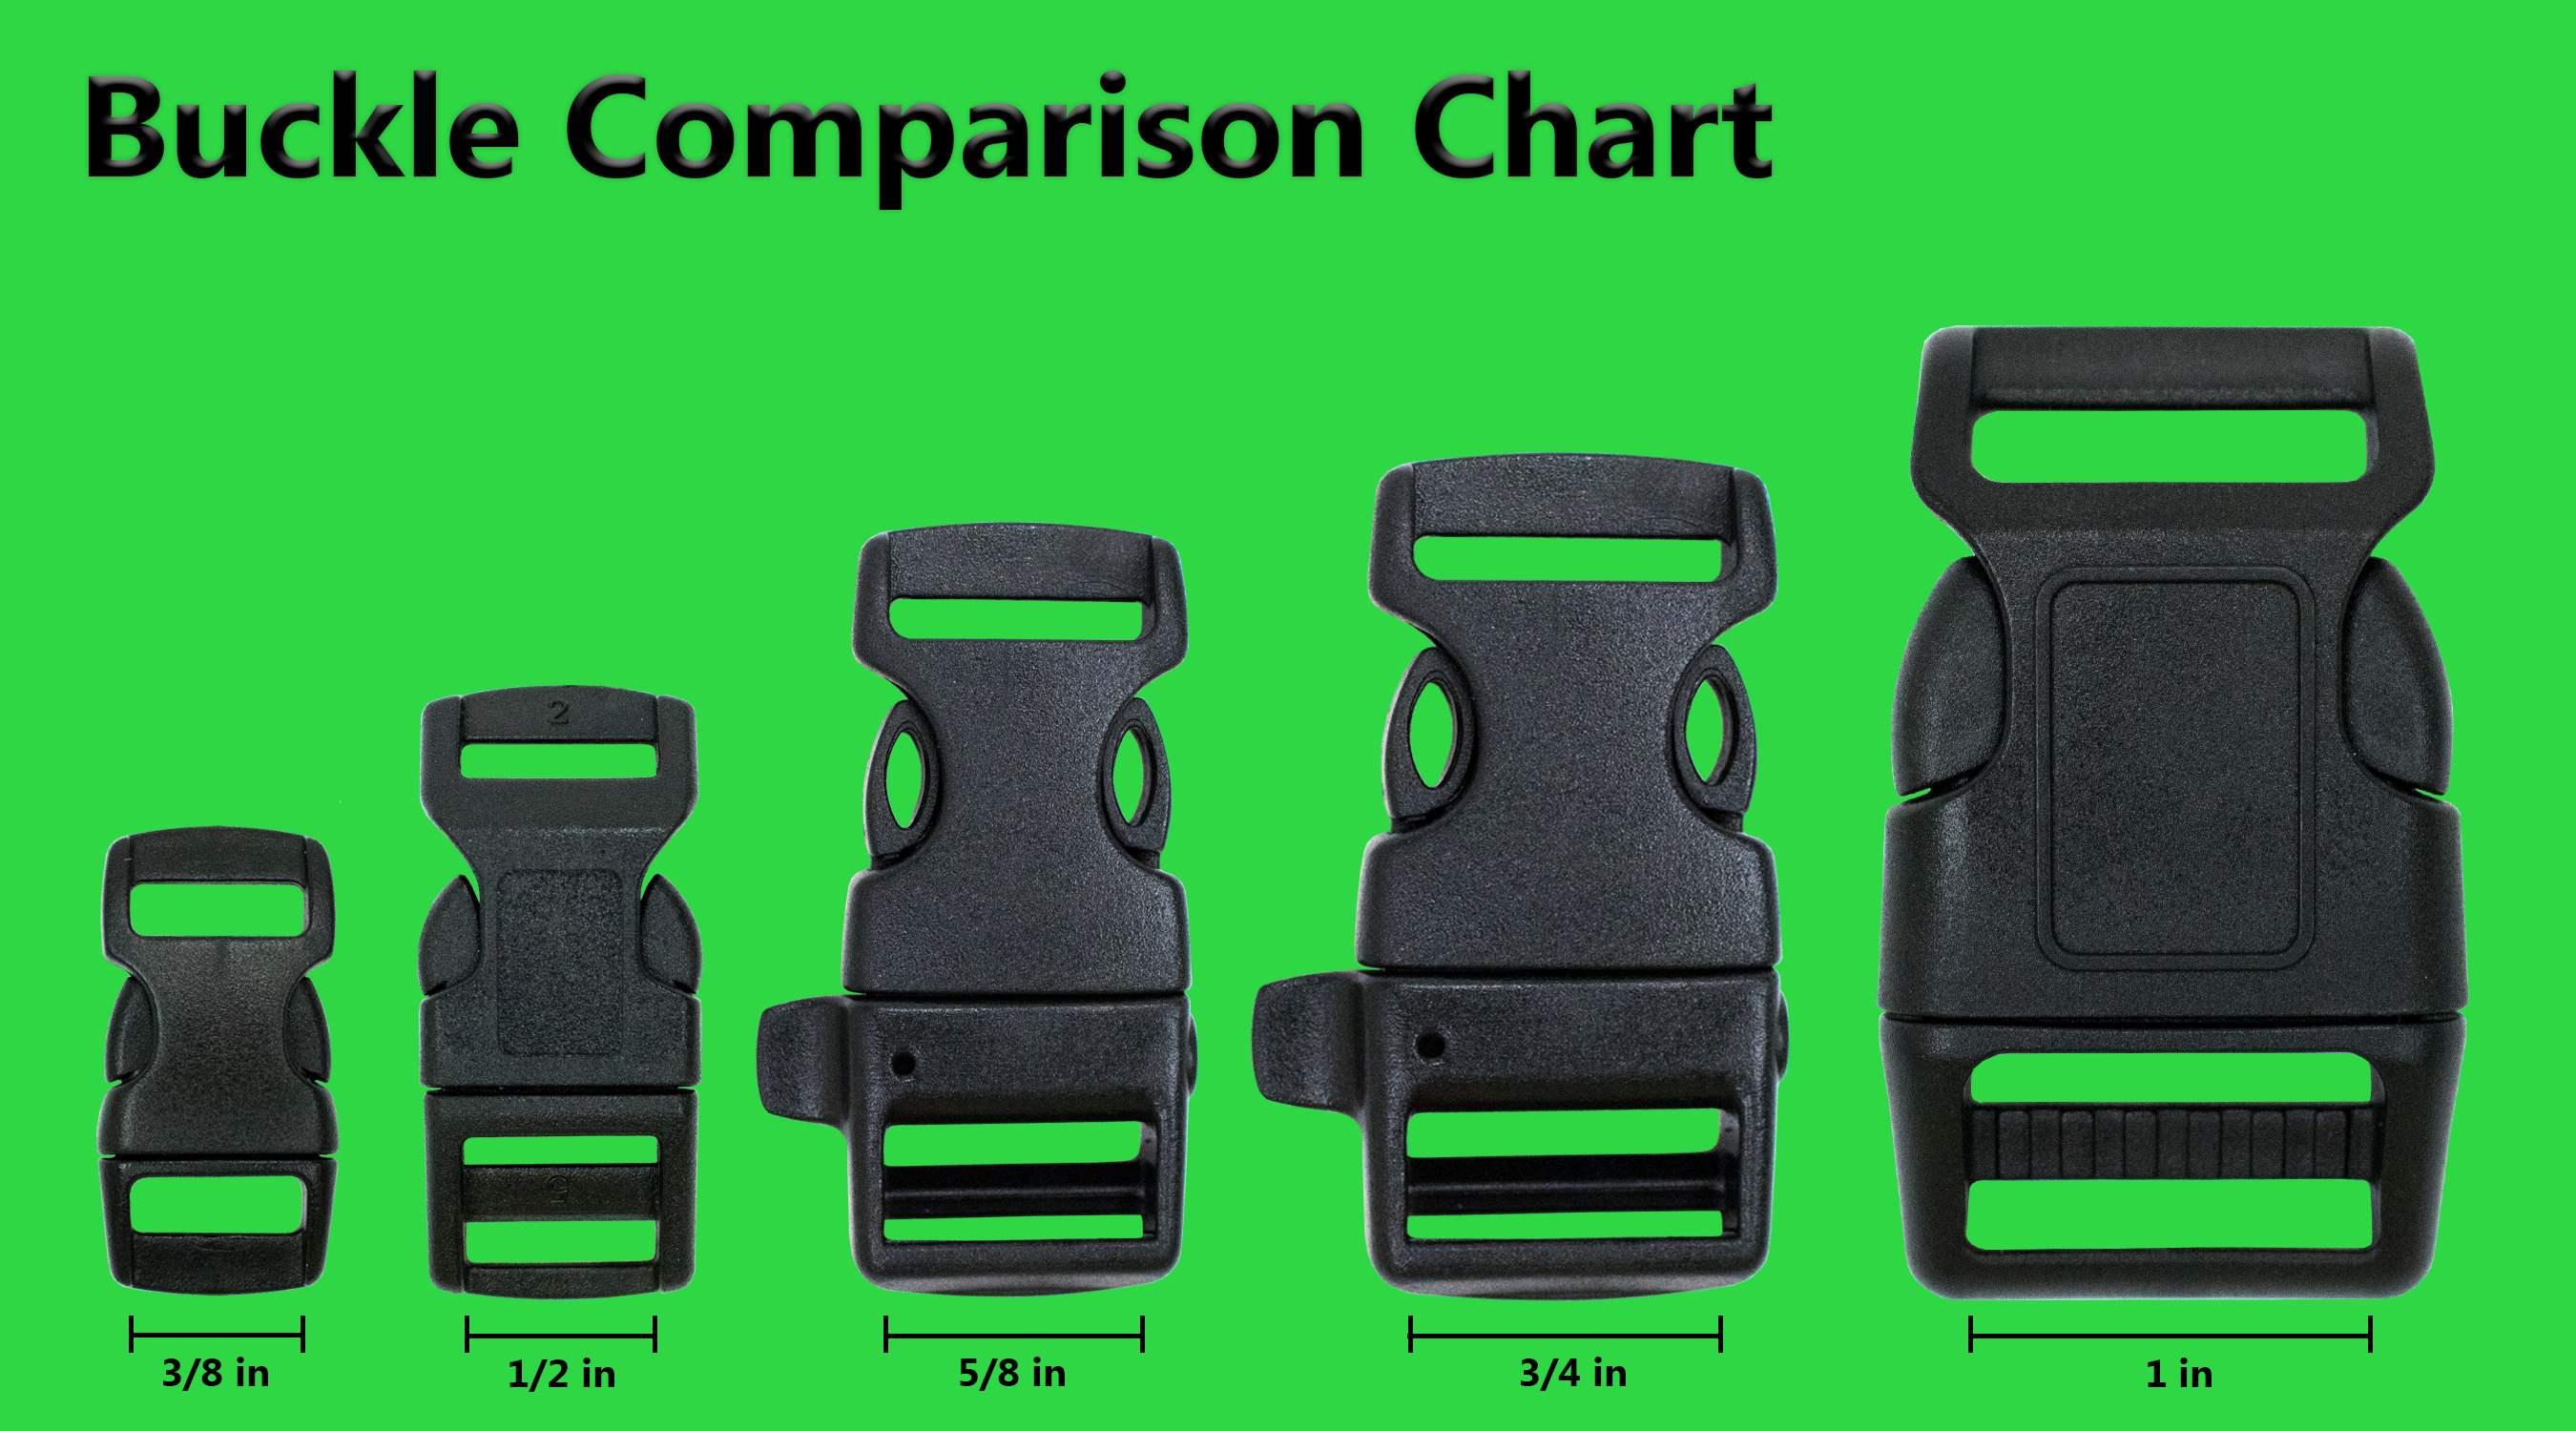 Buckle size comparison chart